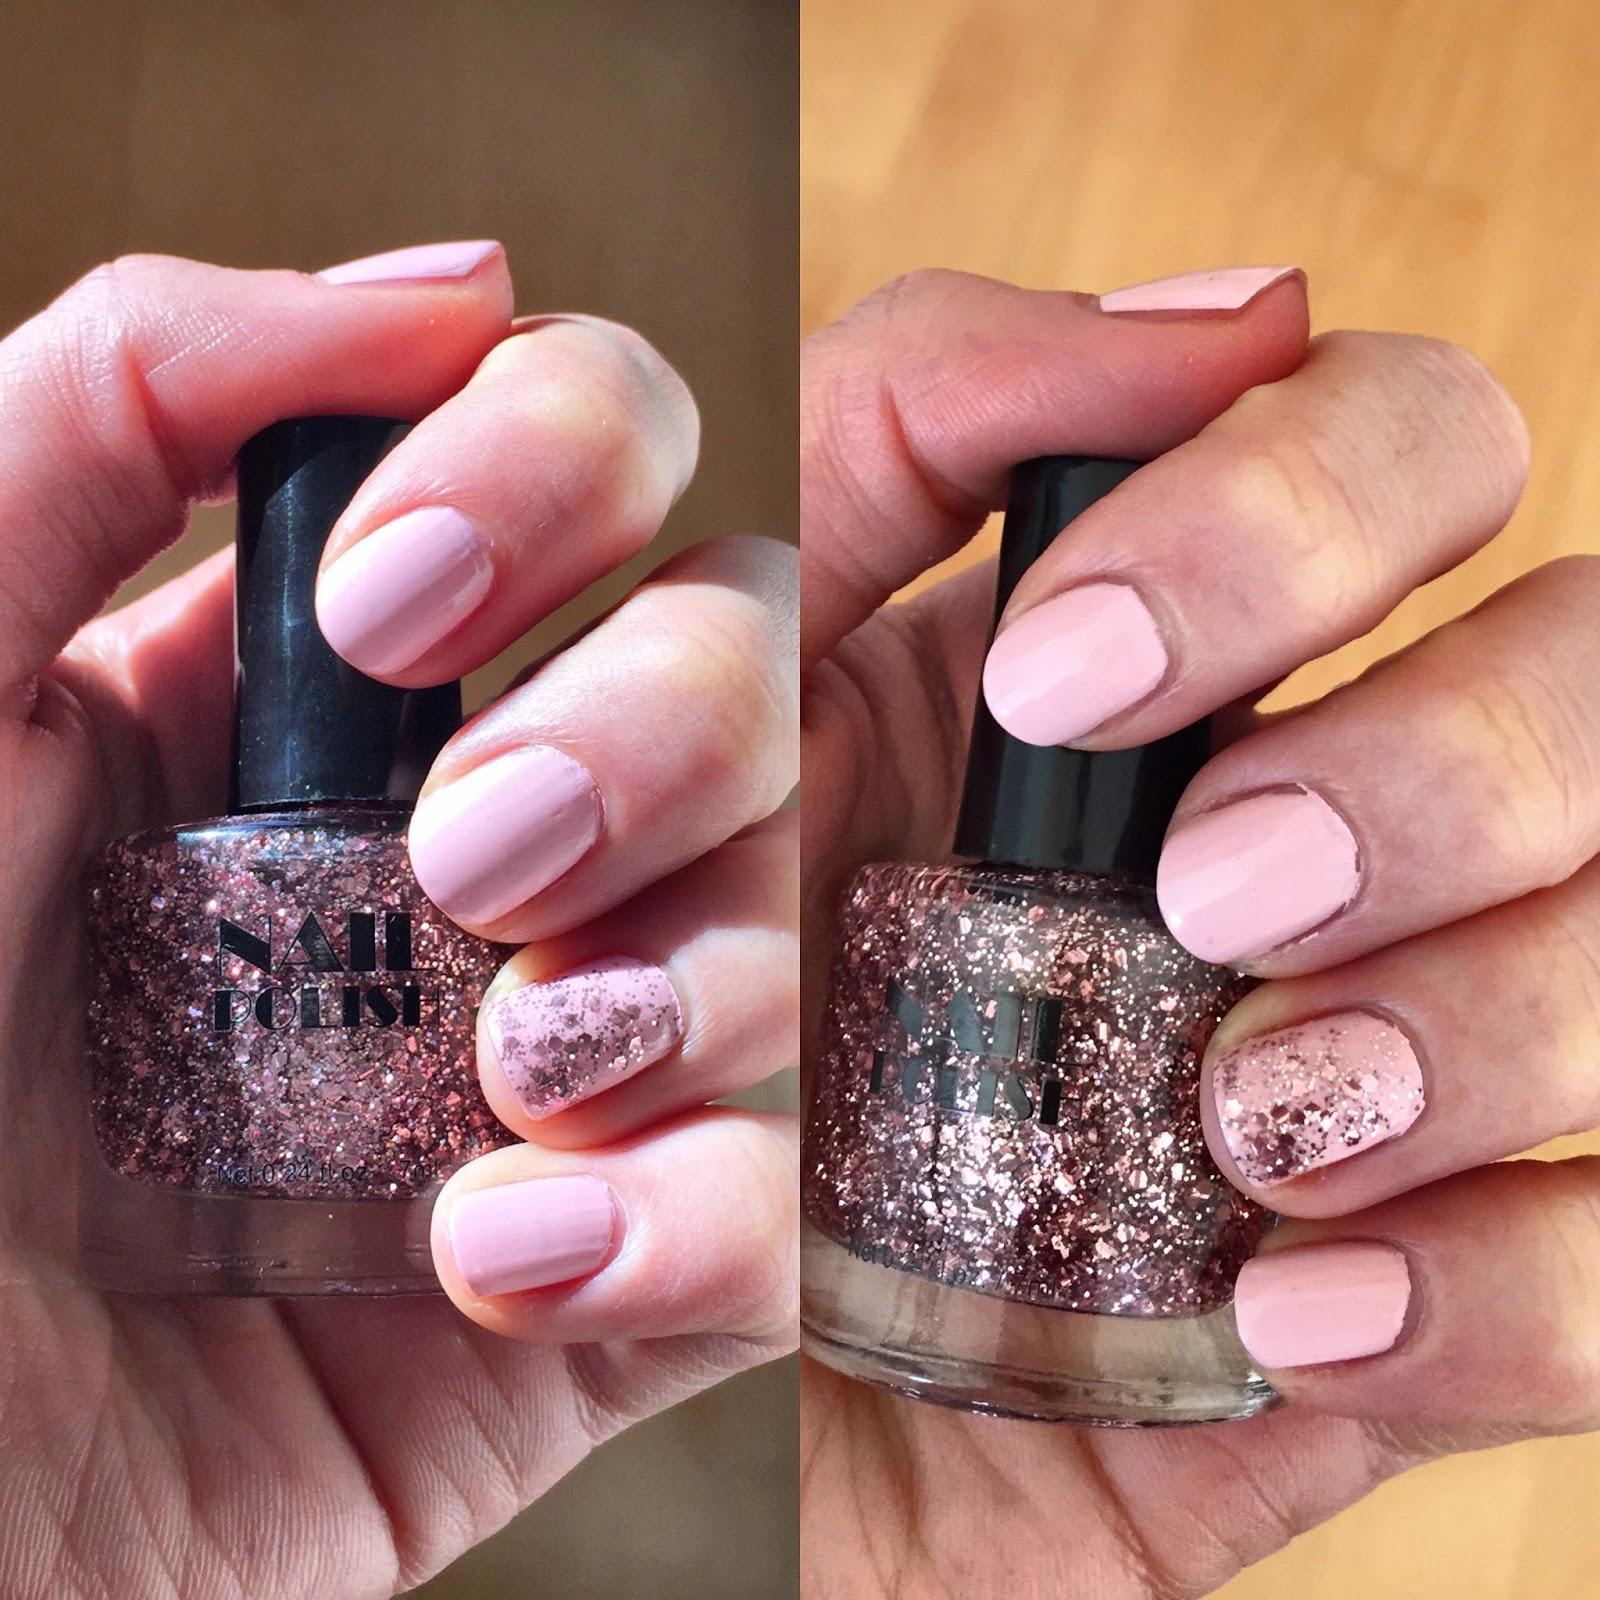 Pink Glitter - H&M Nagellack?! | Jenseits von Eden